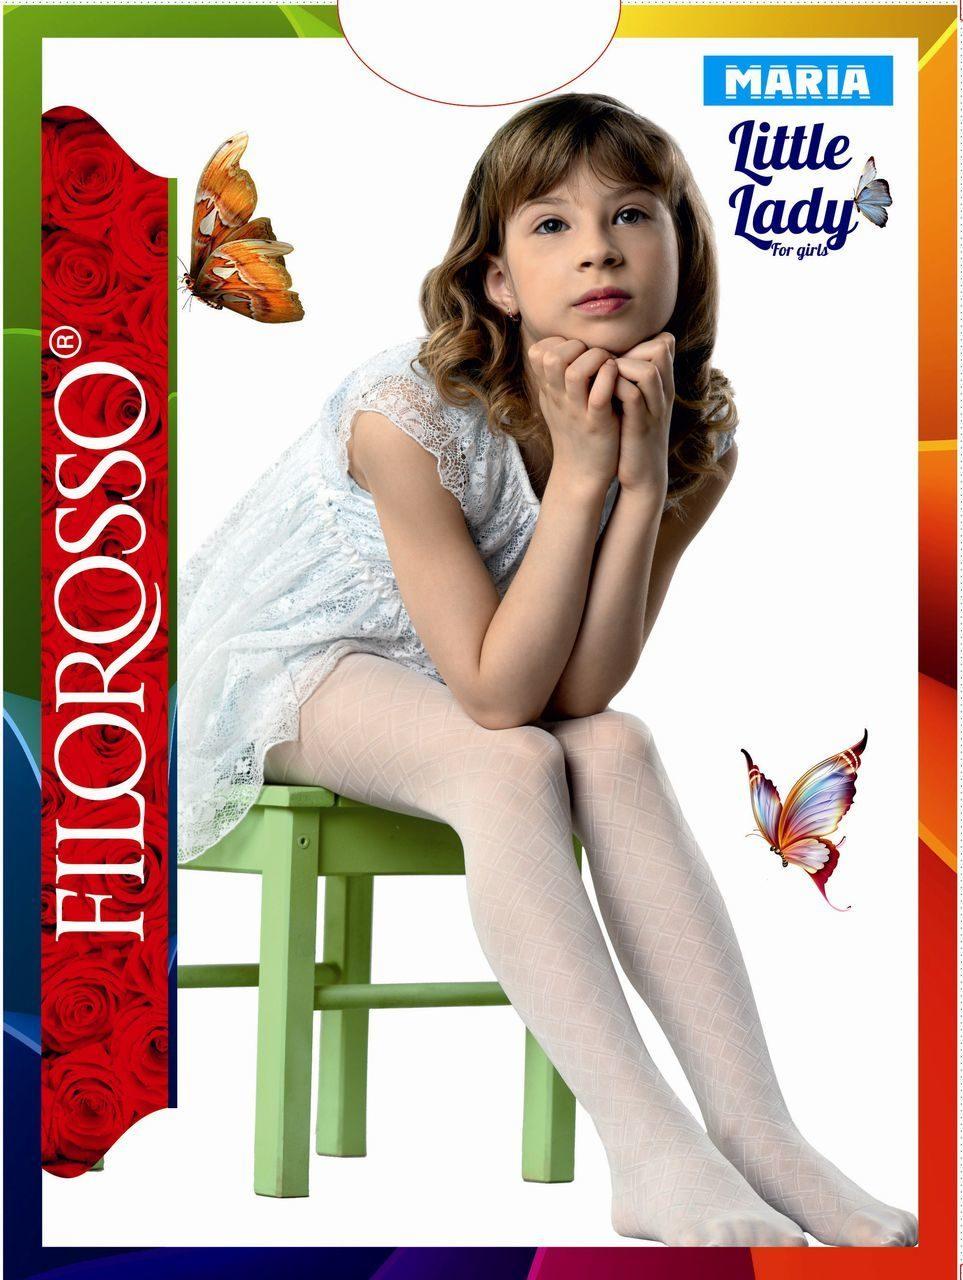 Купить Колготки детские Filorosso Сетка-Ромбик 40 den, белый, р. 98-104, Колготки для девочек